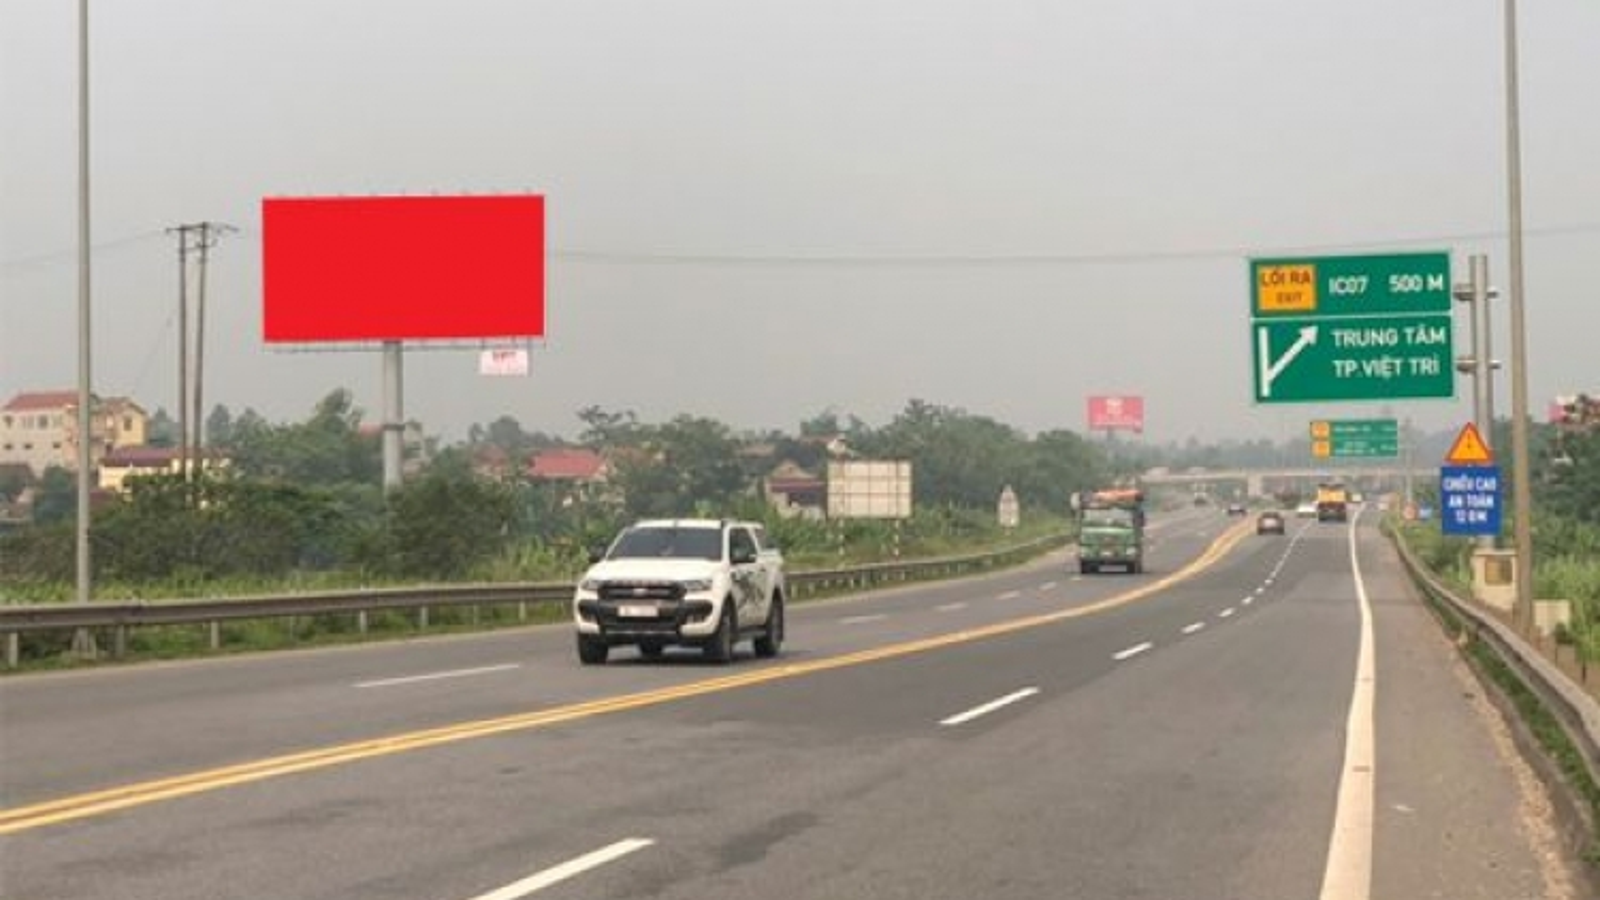 Cao tốc Nội Bài - Lào Cai sẽ được trồng cây cọ hai bên đường đoạn qua tỉnh Phú Thọ